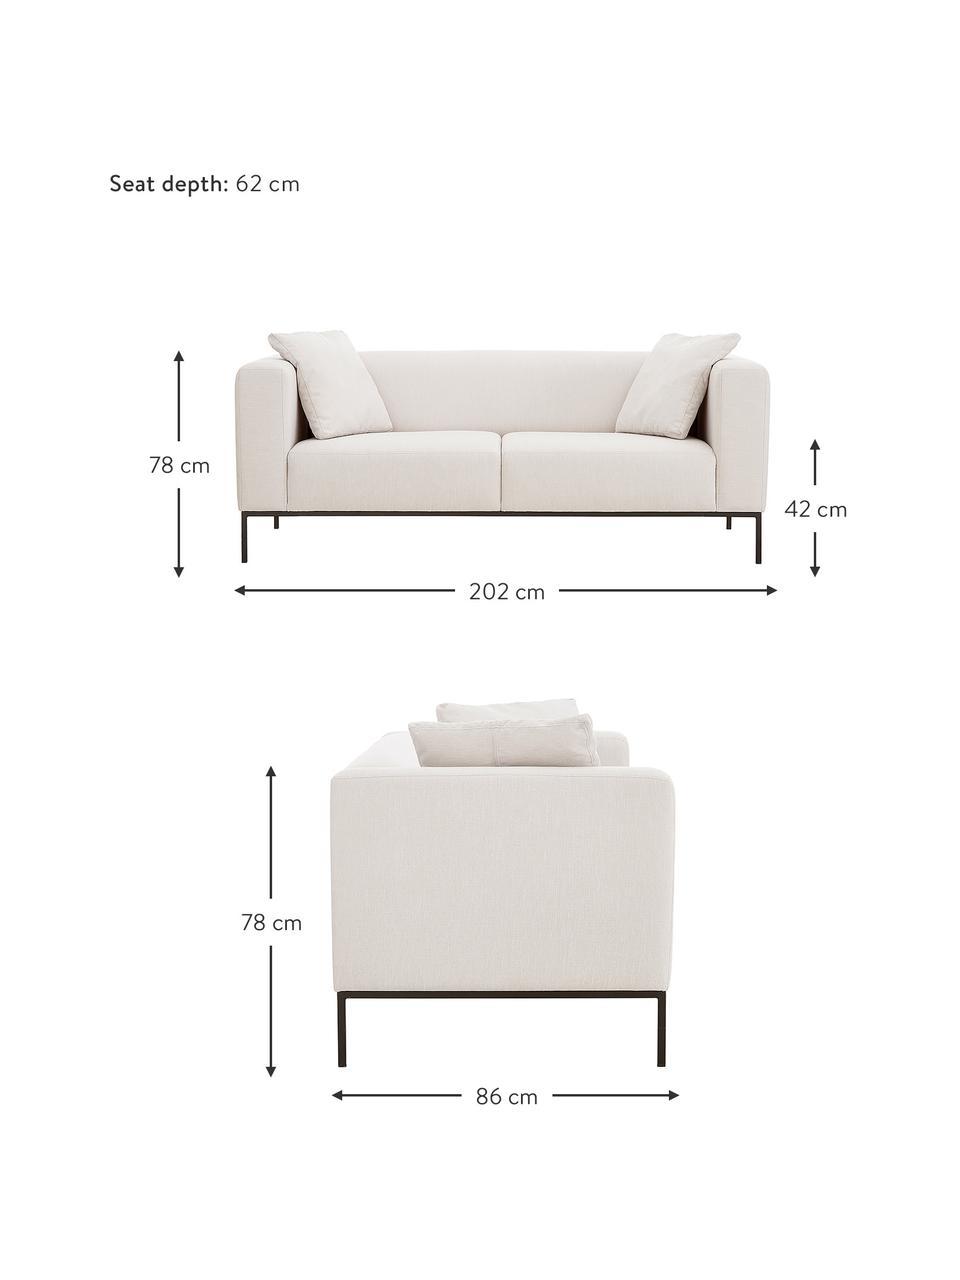 Sofa z metalowymi nogami Carrie (3-osobowa), Tapicerka: poliester 50 000 cykli w , Tapicerka: wyściółka z pianki na zaw, Nogi: metal lakierowany, Beżowy, S 202 x G 86 cm